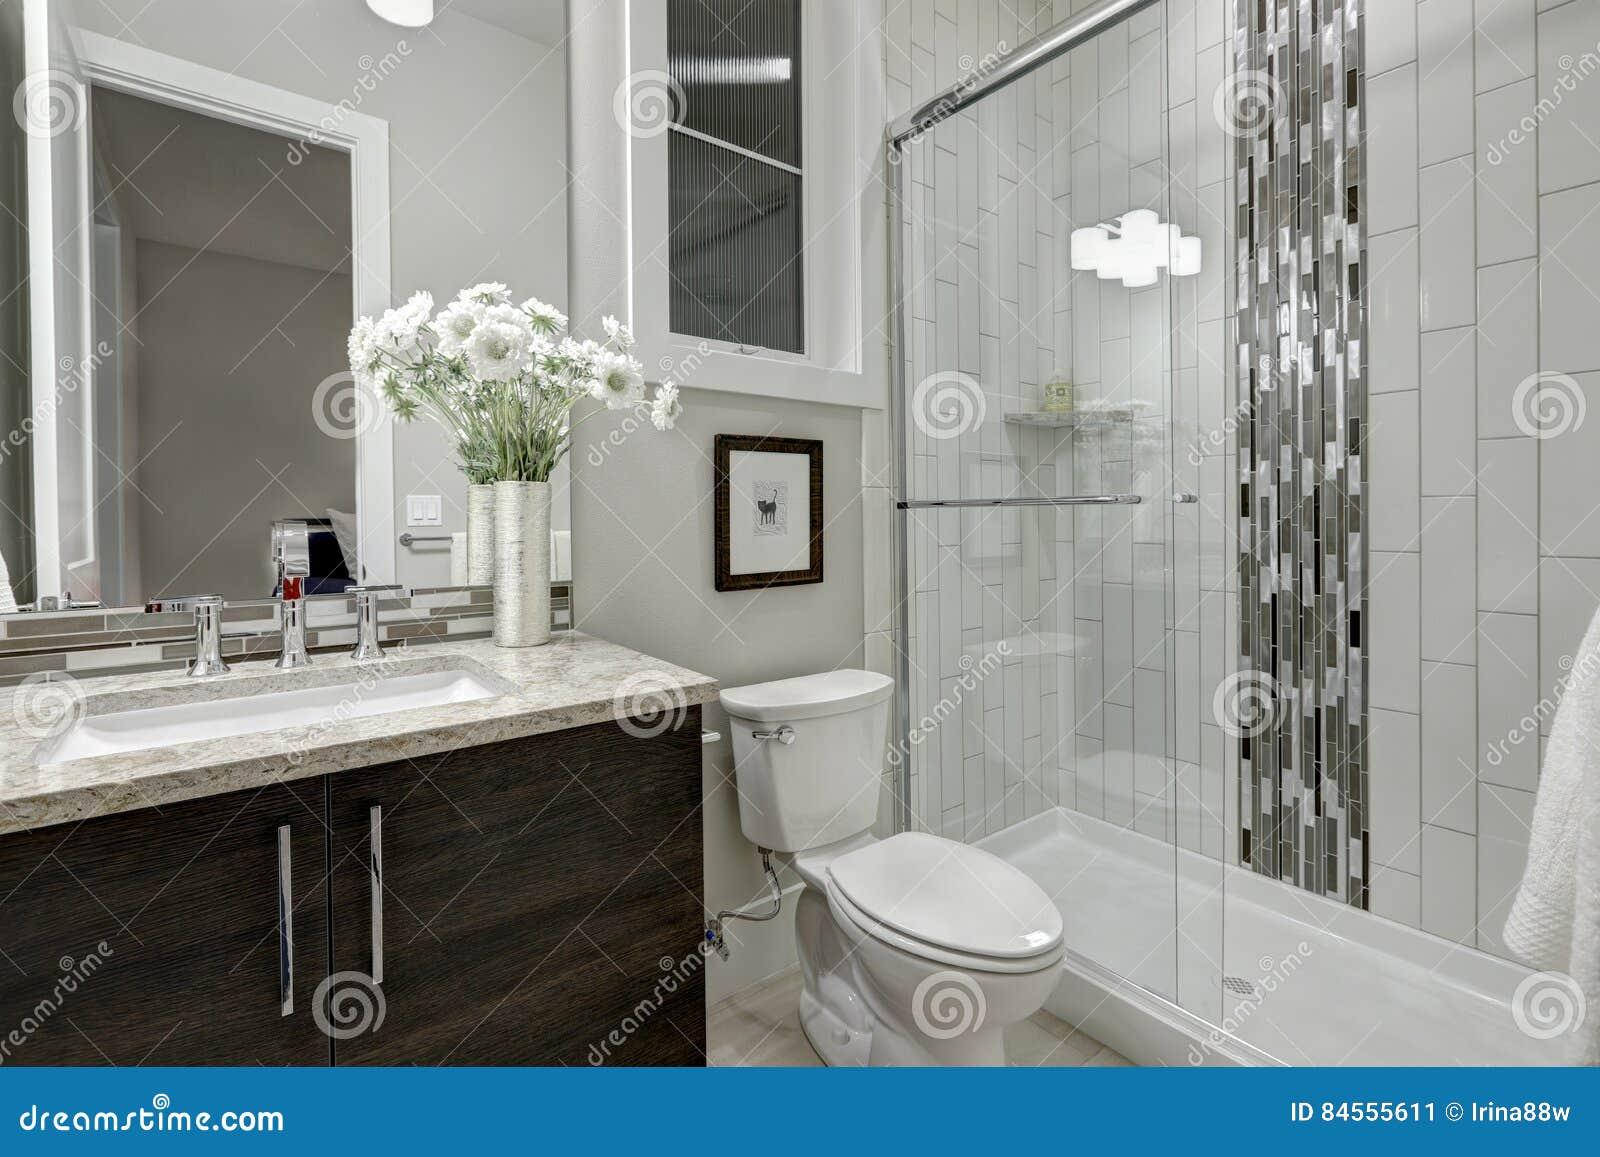 Douche de plain-pied en verre dans une salle de bains de maison de luxe